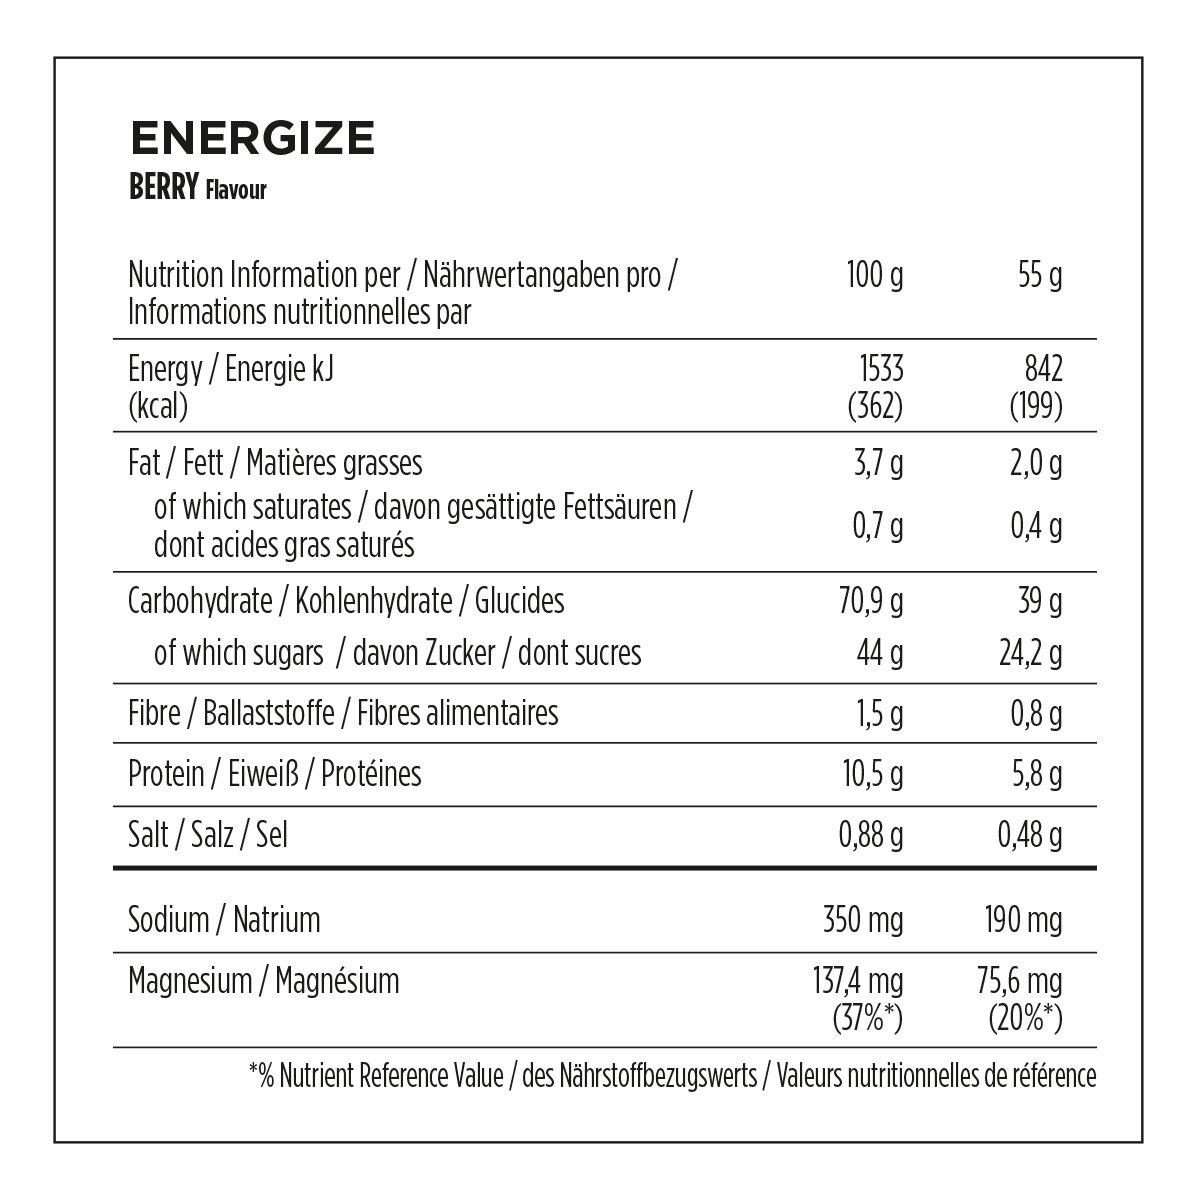 Powerbar PWBB21442443 - Chaleco, color marrón, talla 55 g (25 Pack): Amazon.es: Salud y cuidado personal